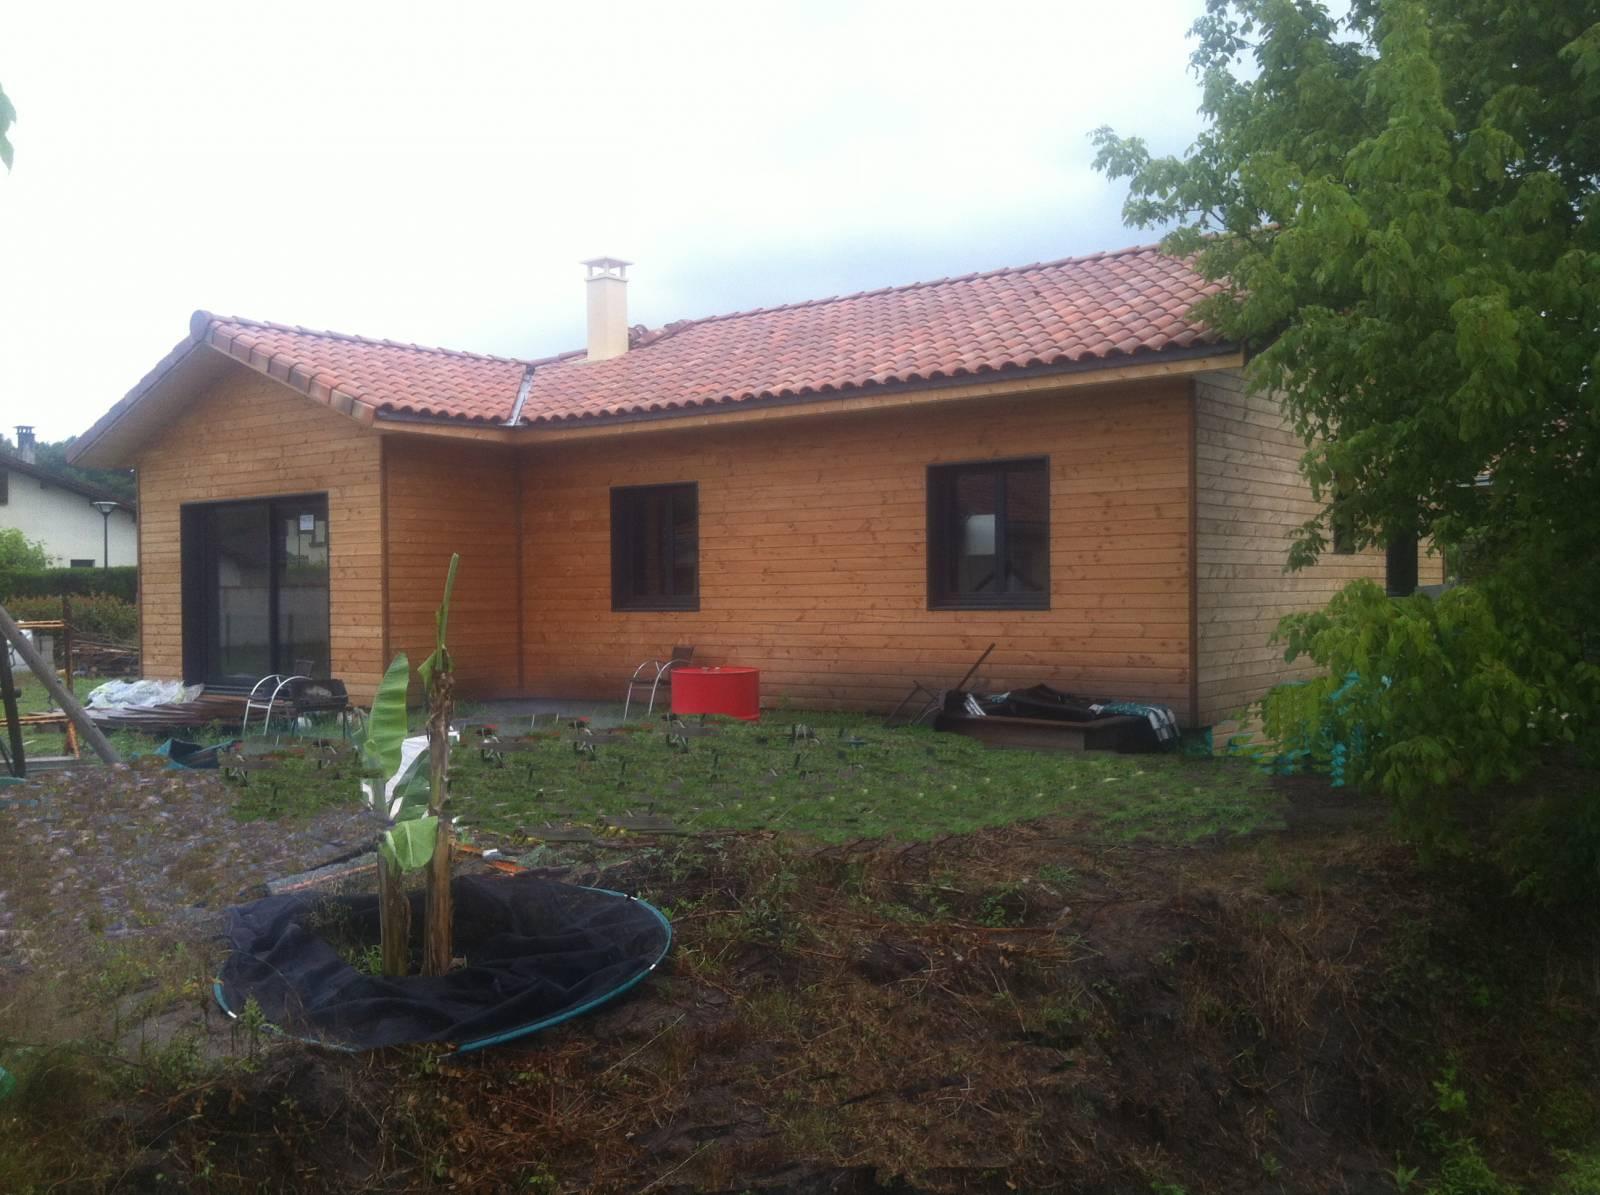 constructeur maison bois r f 34 pr s de soustons dans les landes 40 cogebois On constructeur maison bois landes